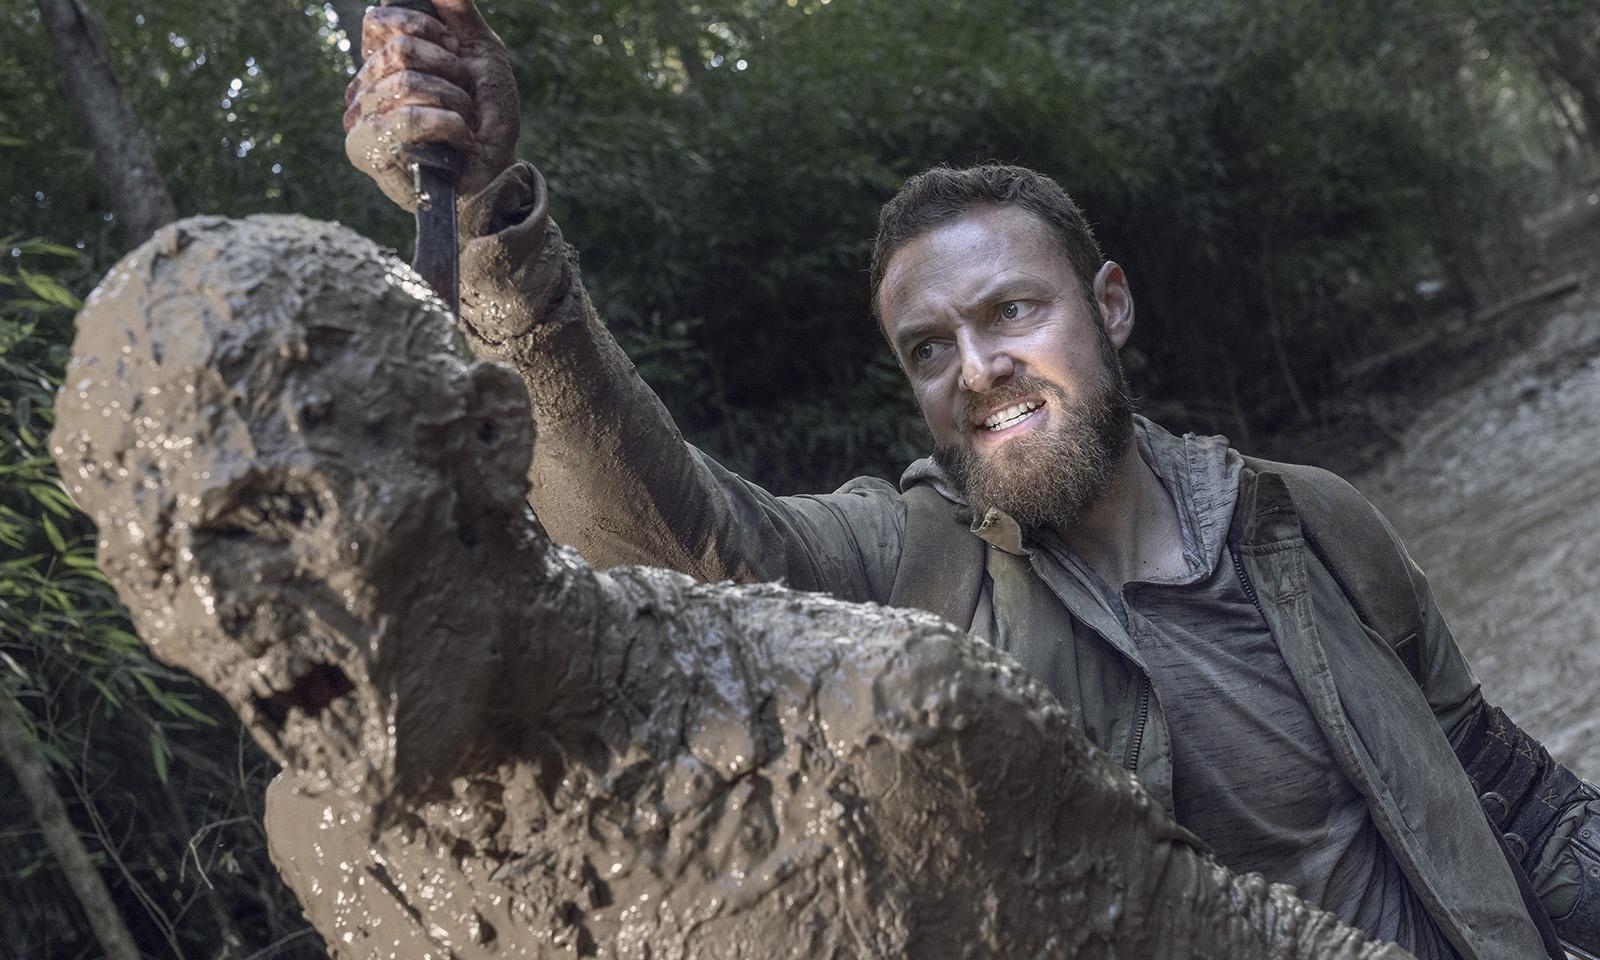 Aaron matando um zumbi sujo de lama em imagem do 19º episódio da 10ª temporada de The Walking Dead